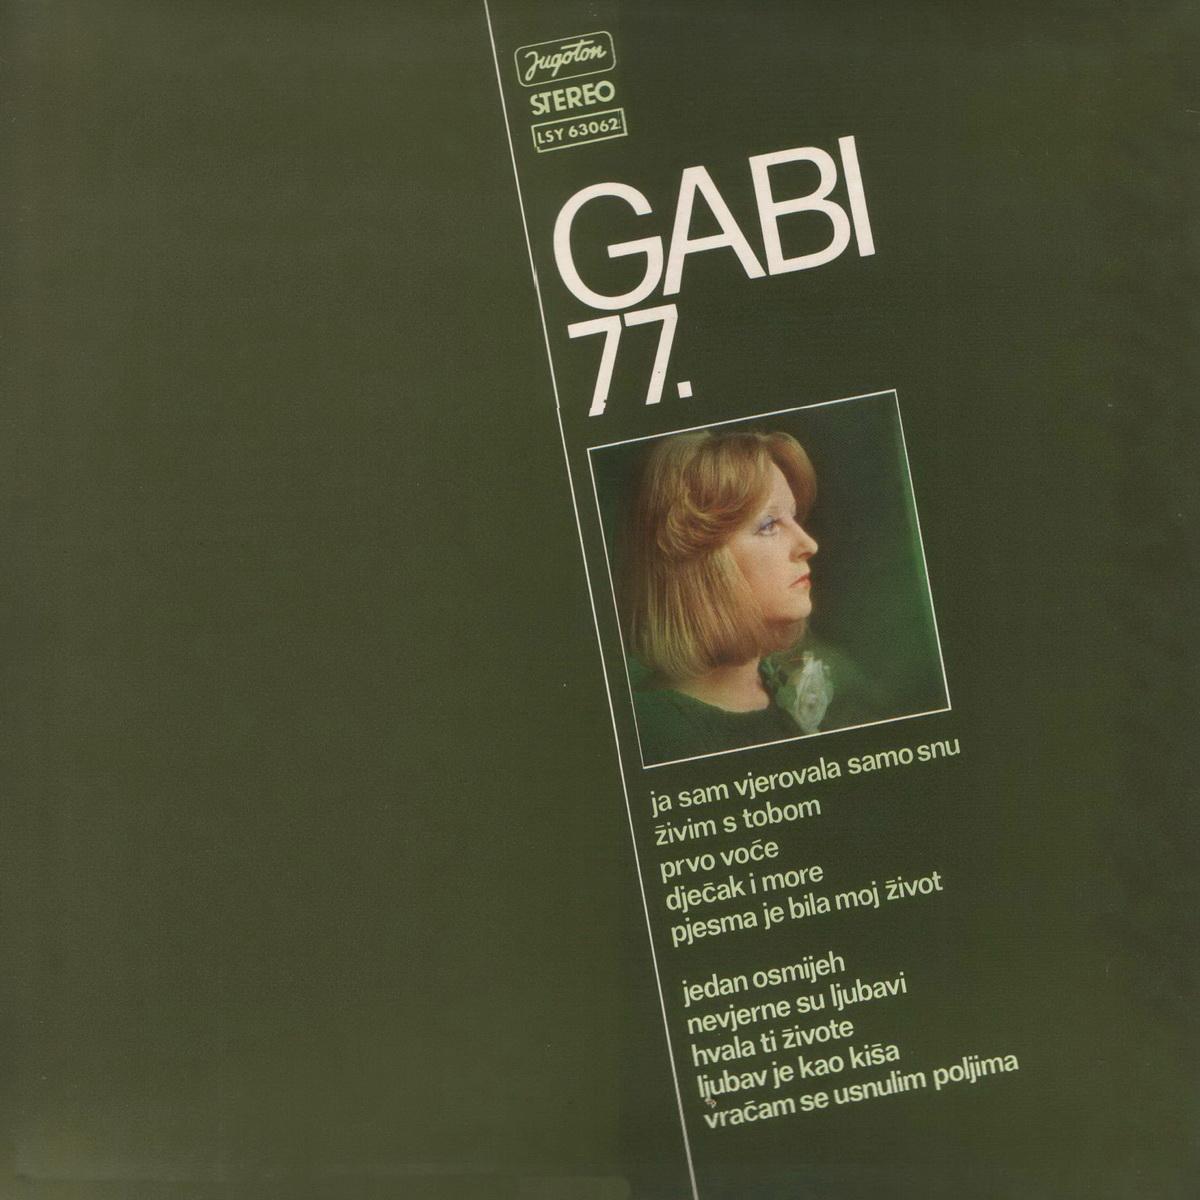 Gabi Novak 1977 Gabi 77 B